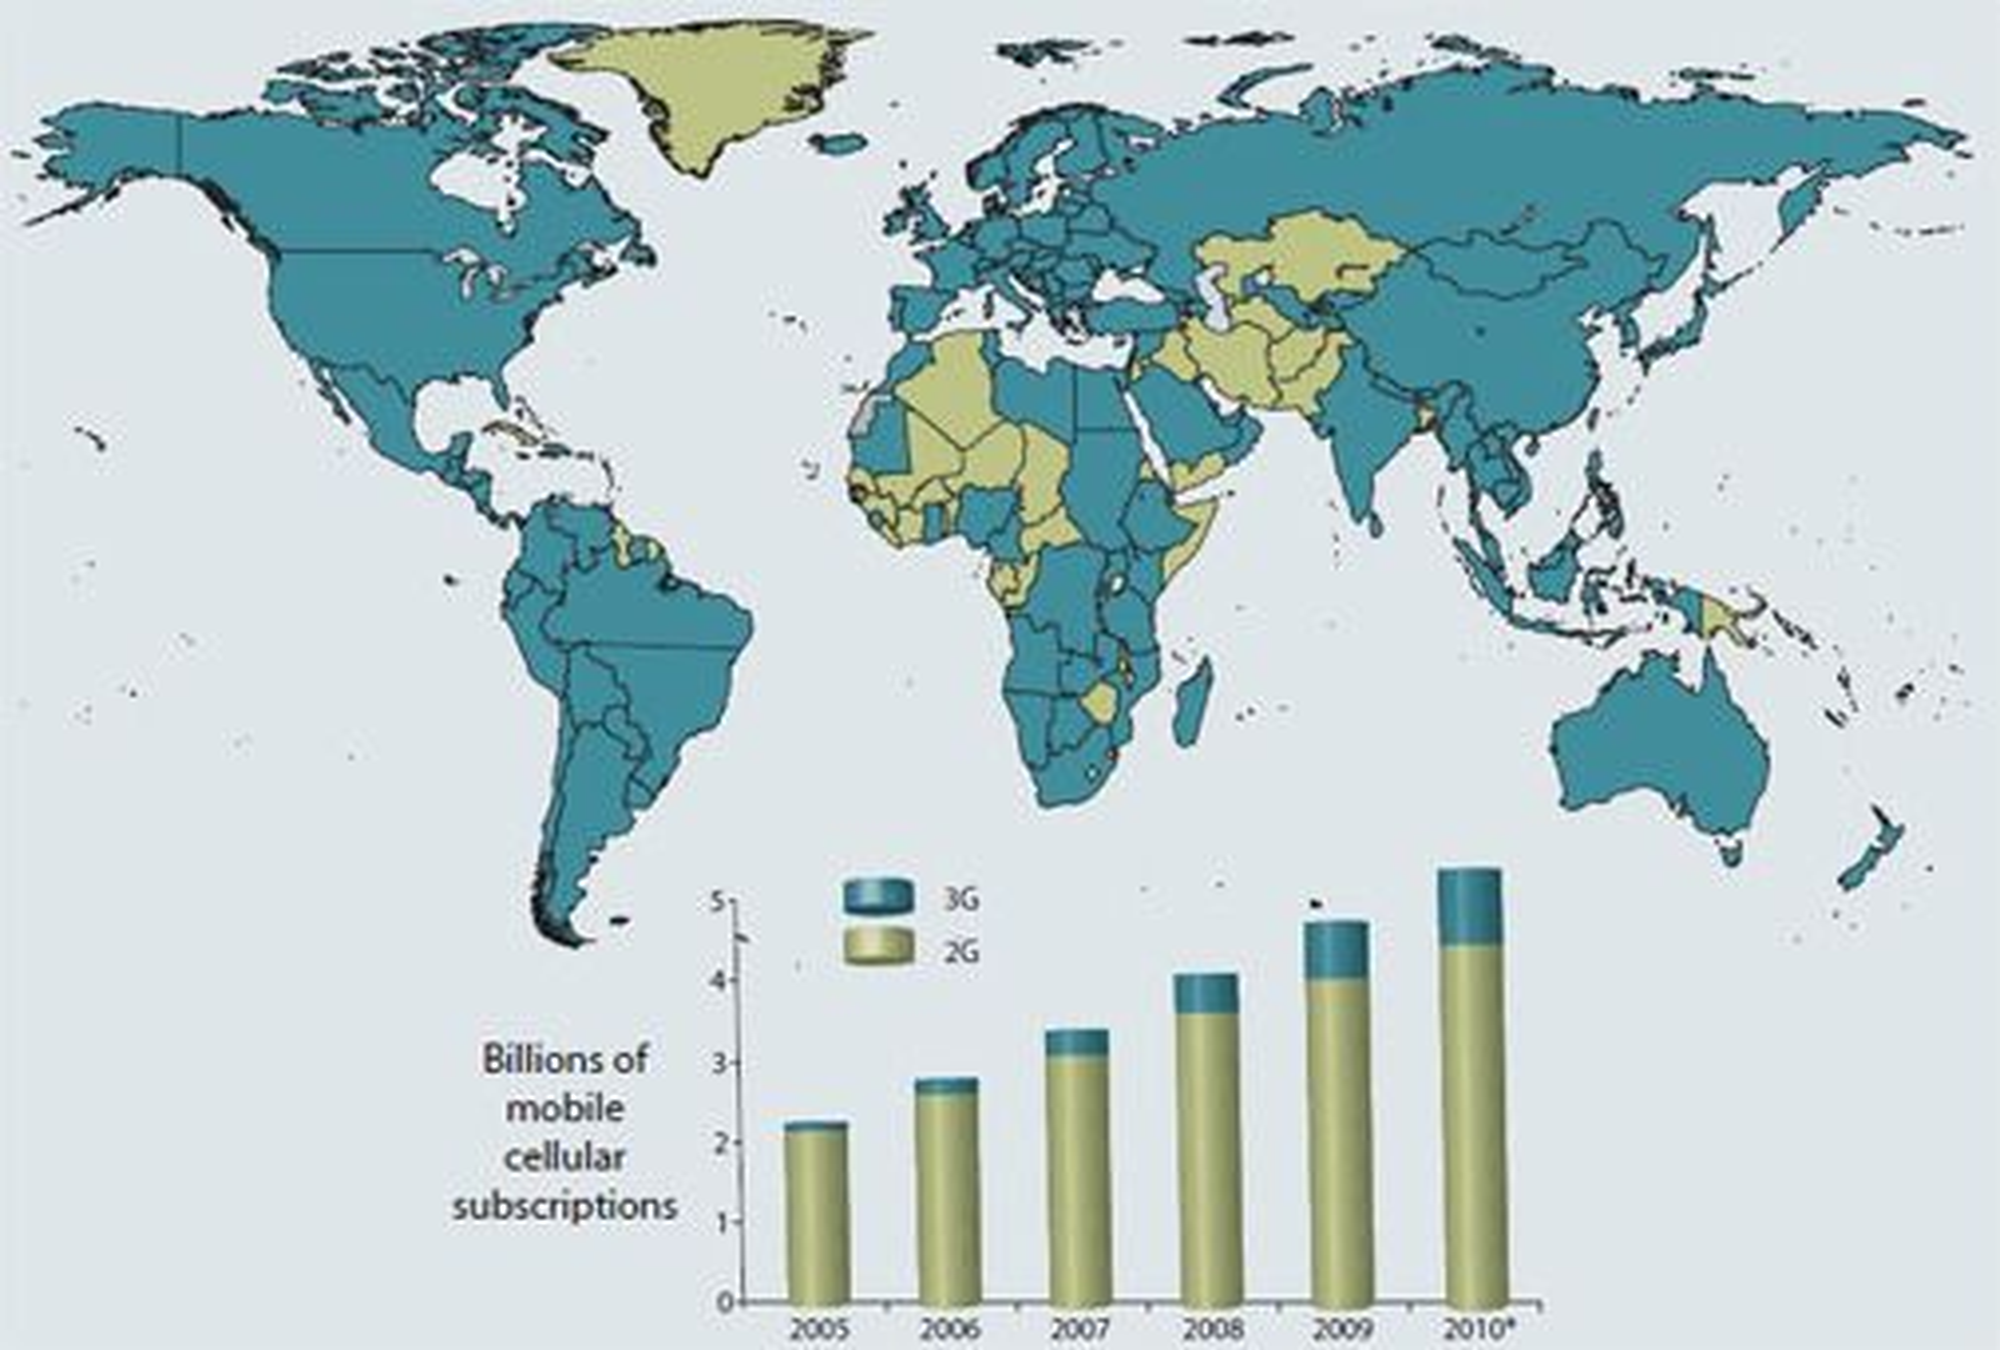 Bare et fåtall land står uten 3G-tjenester, og tallet på mobilabonnementer er på rundt 5,3 milliarder.